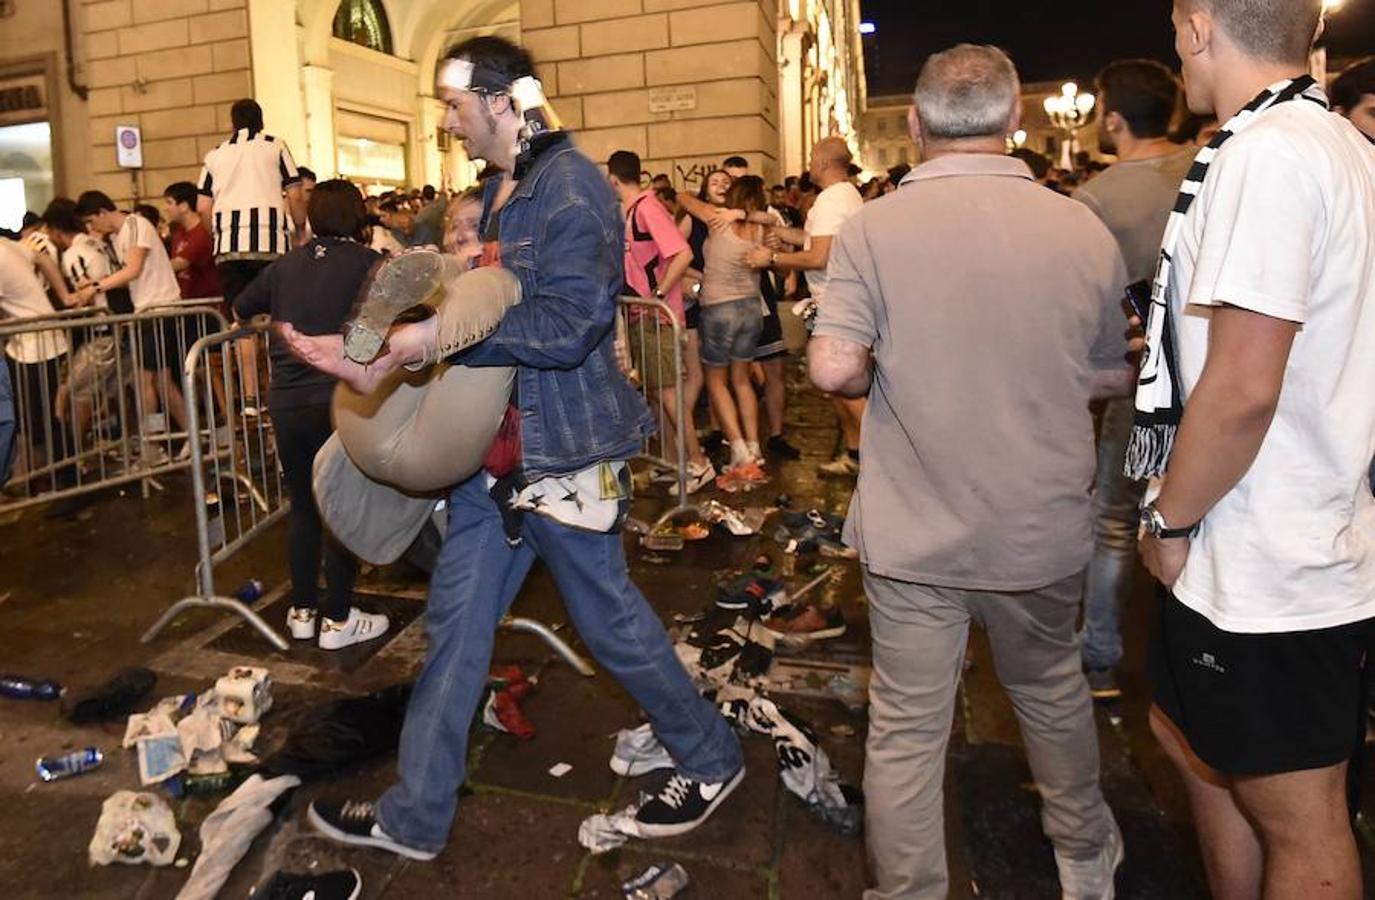 Miles de aficionados de la Juventus huyen despavoridos al escuchar una especia de explosión mientras veían la final de la Liga de Campeones en la Piazza San Carlo